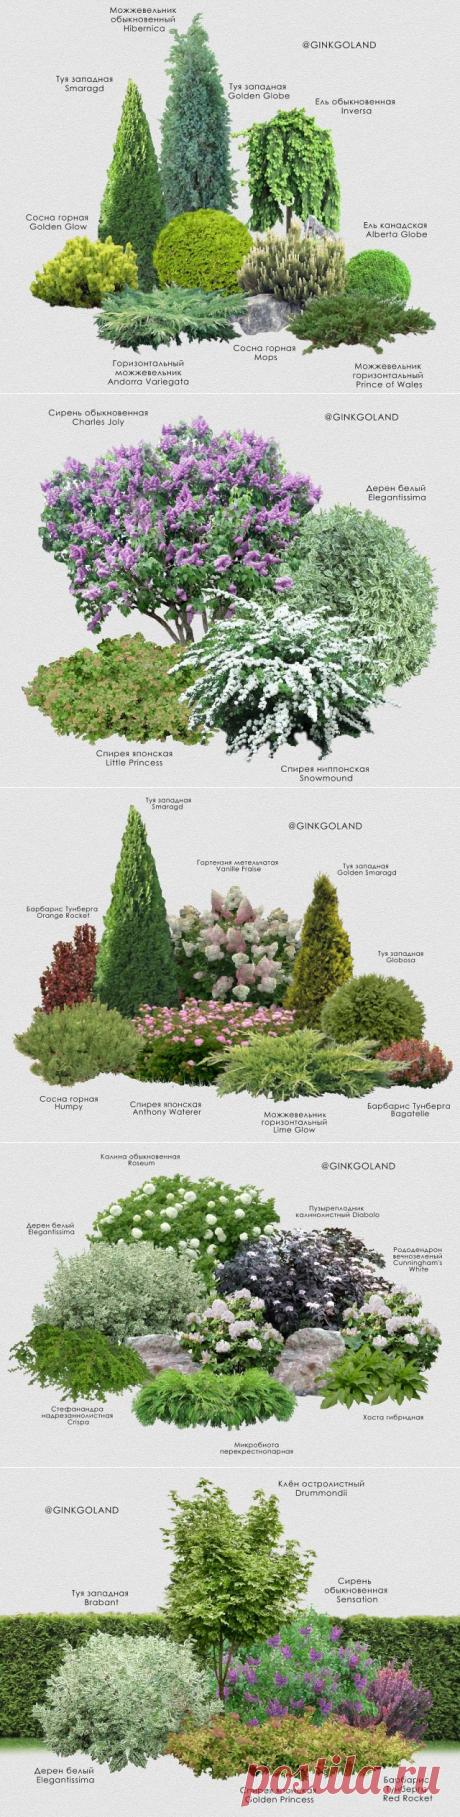 Ландшафтный дизайн только с любовью – 8 идей садовых композиций | Идеи дизайна (Огород.ru)